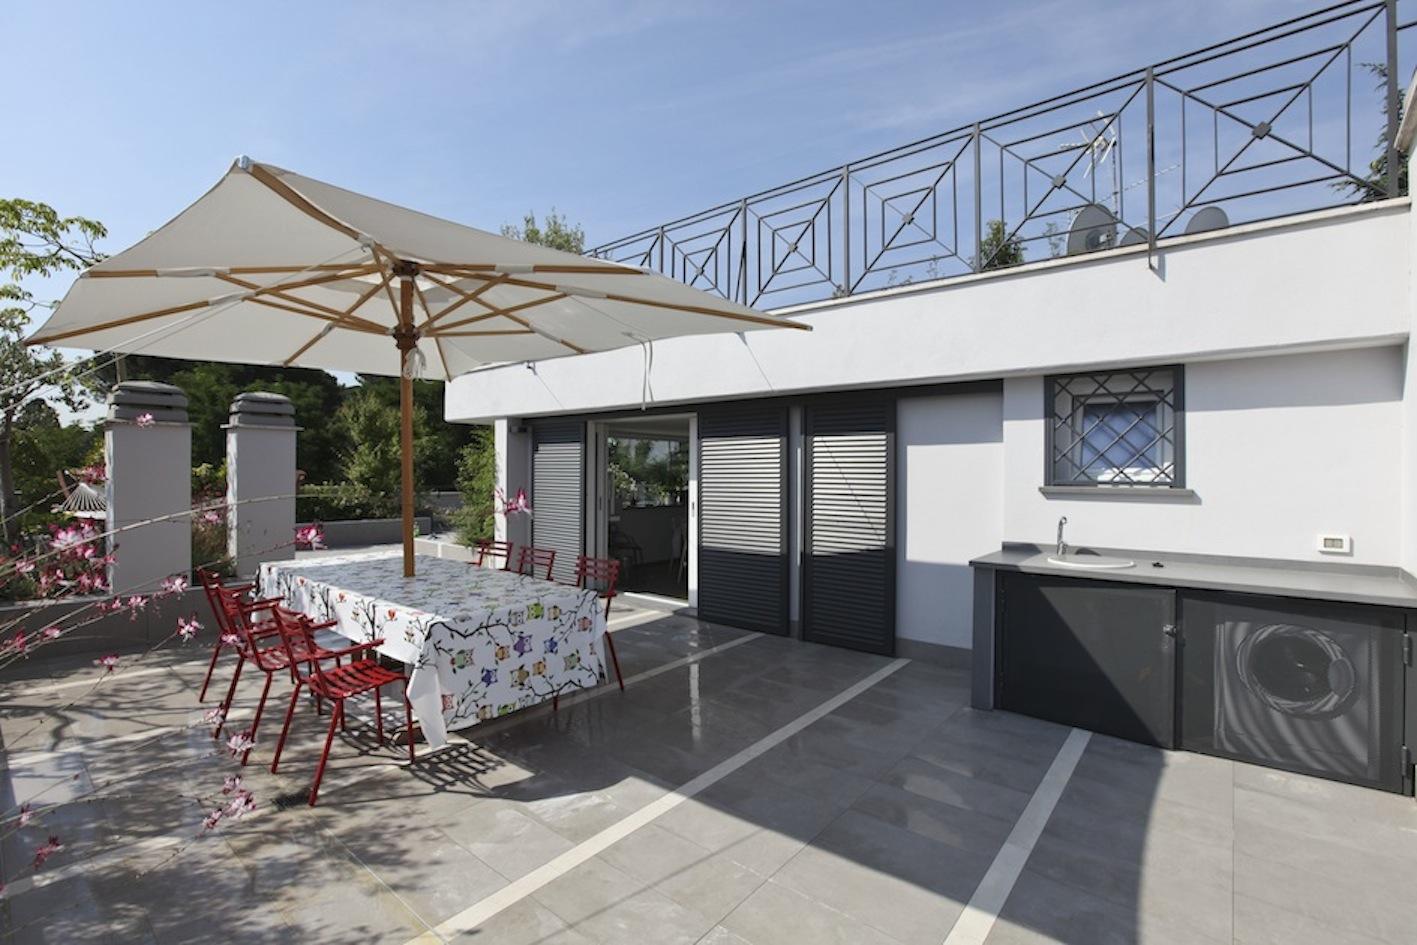 Raffaello sky casa in affitto maria laura berlinguer for Casein affitto